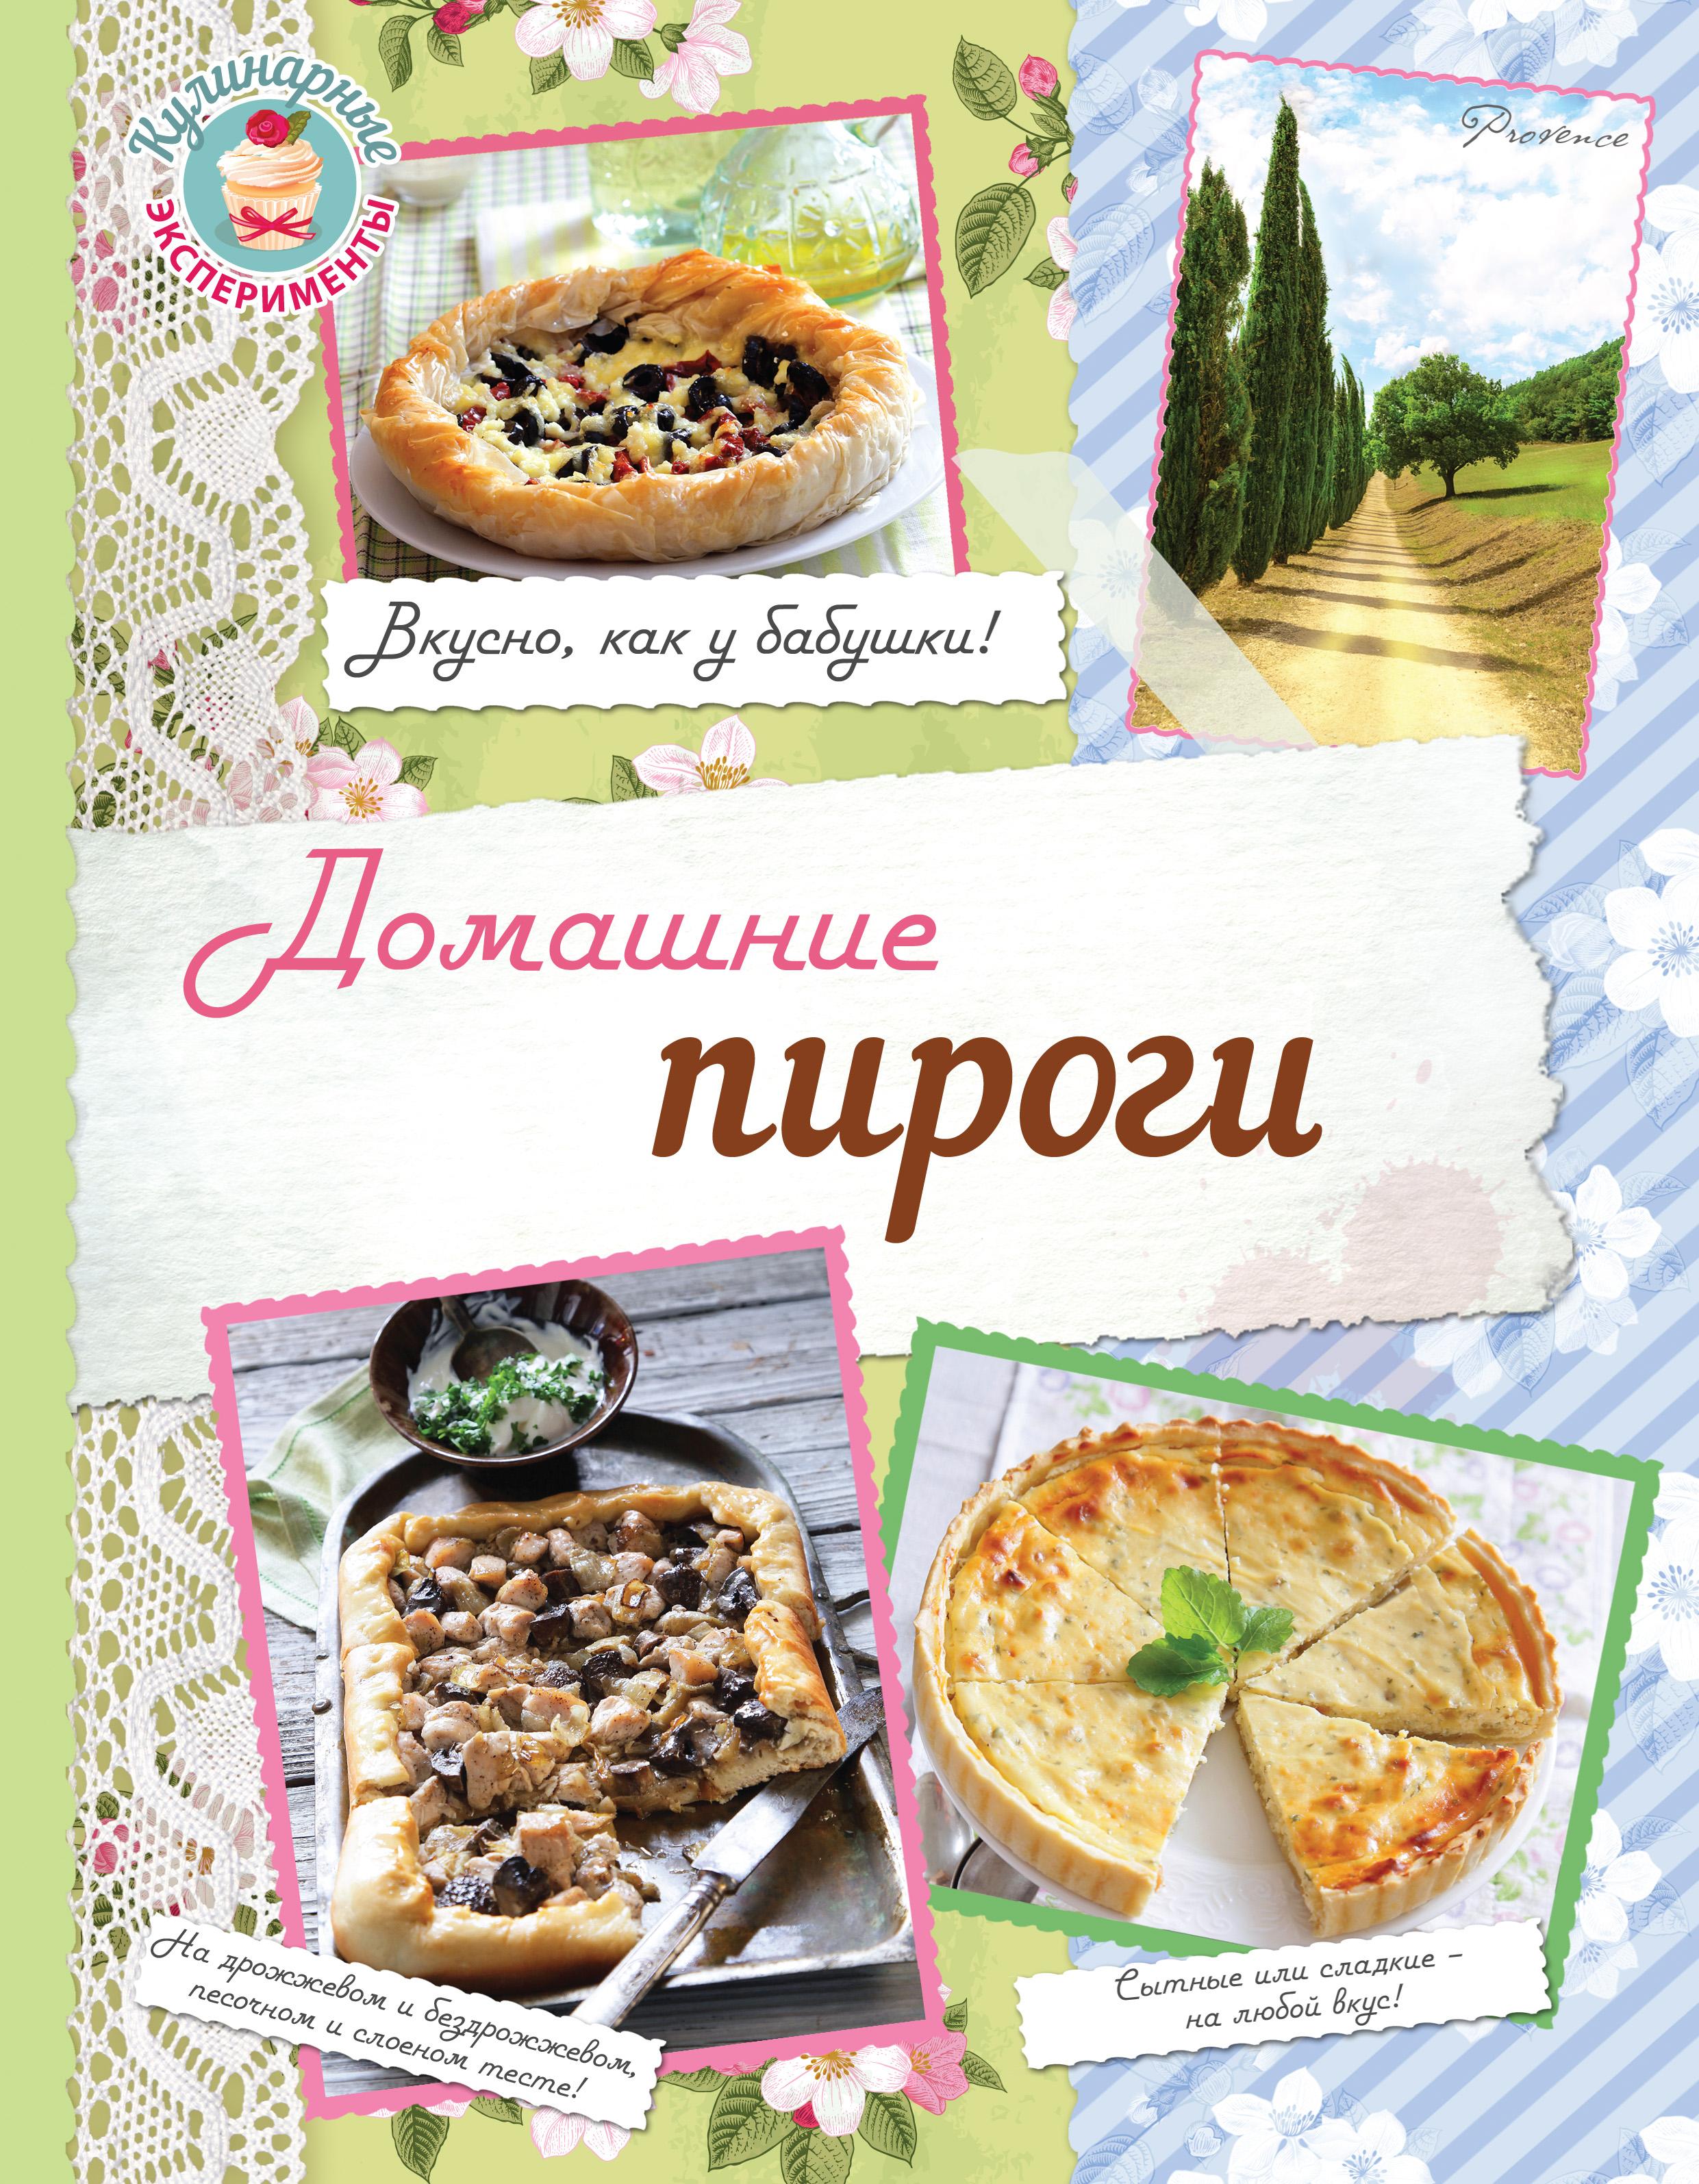 Отсутствует Домашние пироги. Вкусно, как у бабушки! татарские пироги в москве